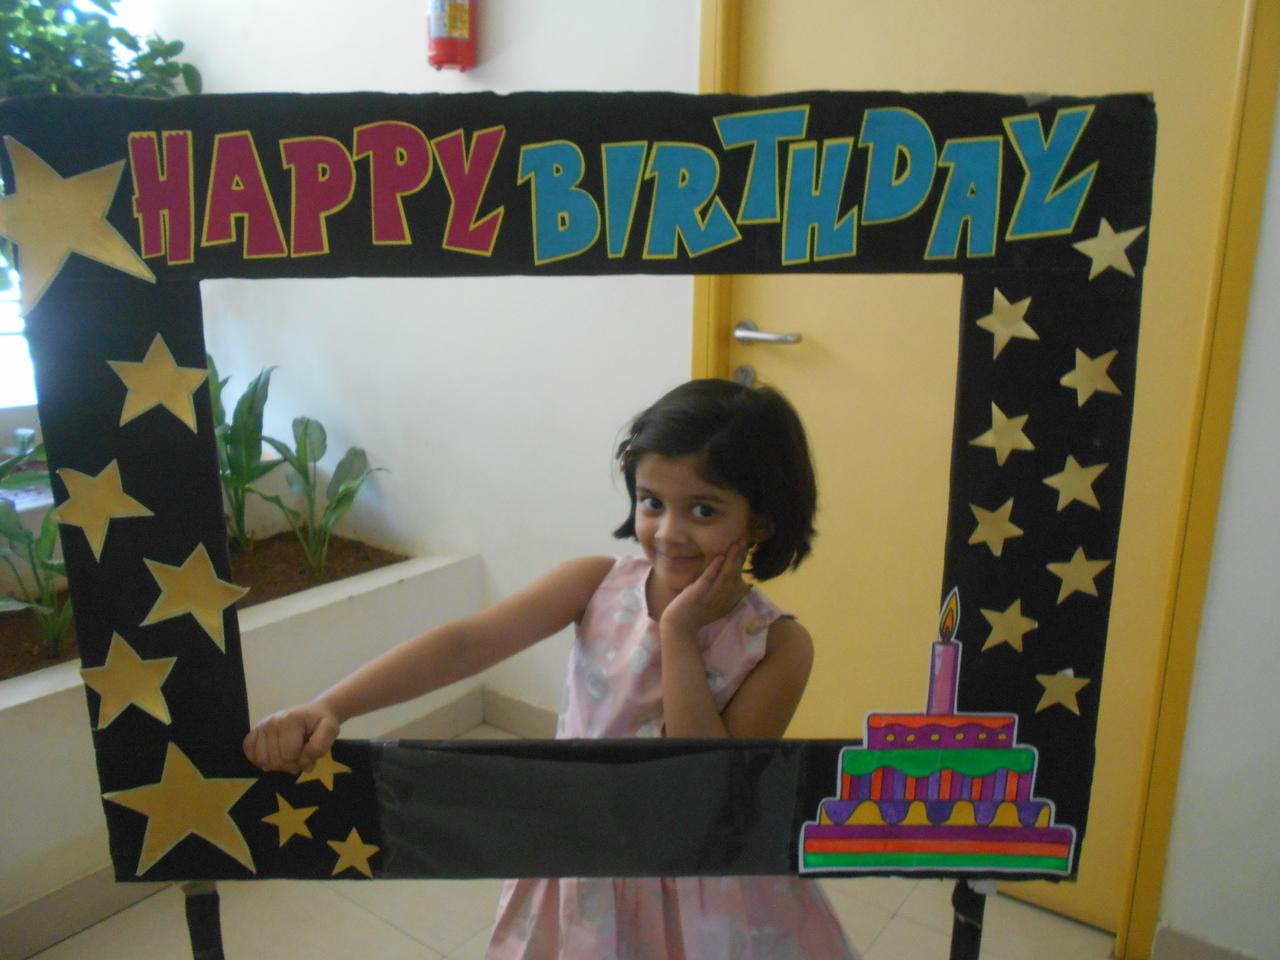 HAPPY BIRTHDAY ANIKA VARMA